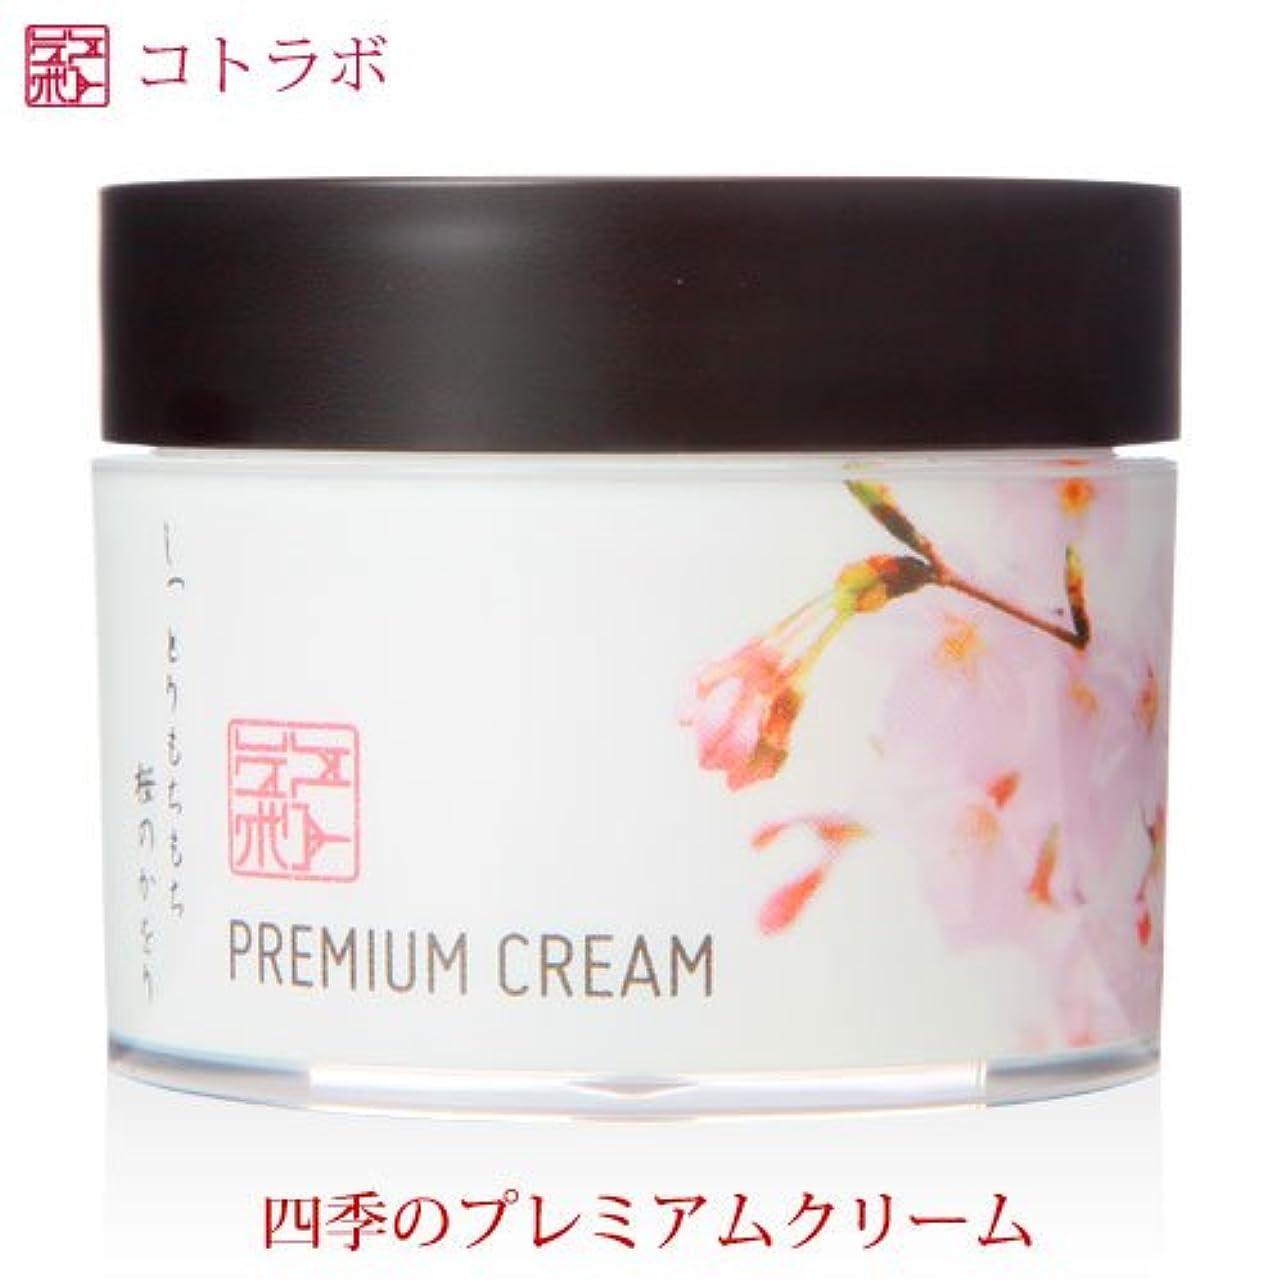 頂点ホイール従うコトラボ 四季のプレミアムクリーム春桜の香り50g